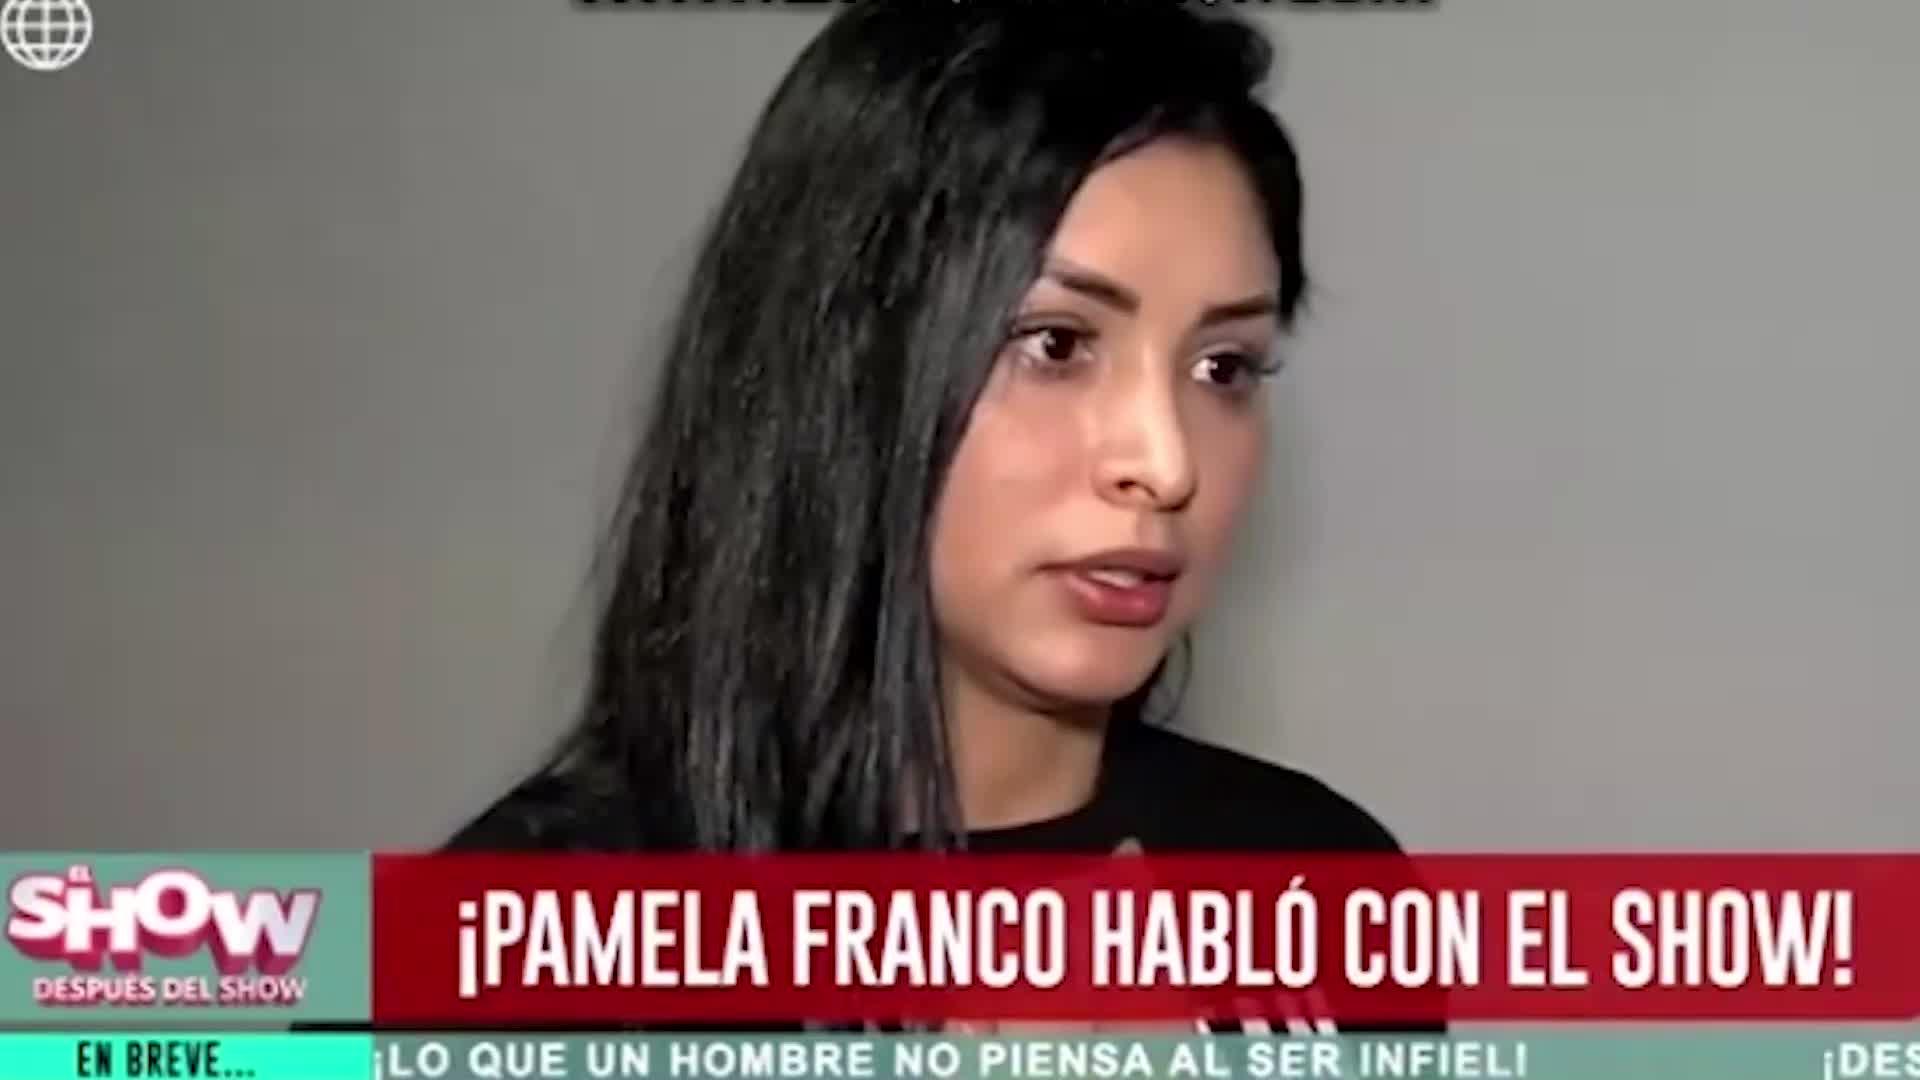 ESDS: Pamela Franco arremete contra Isabel Acevedo por propiedades de Christian Domínguez